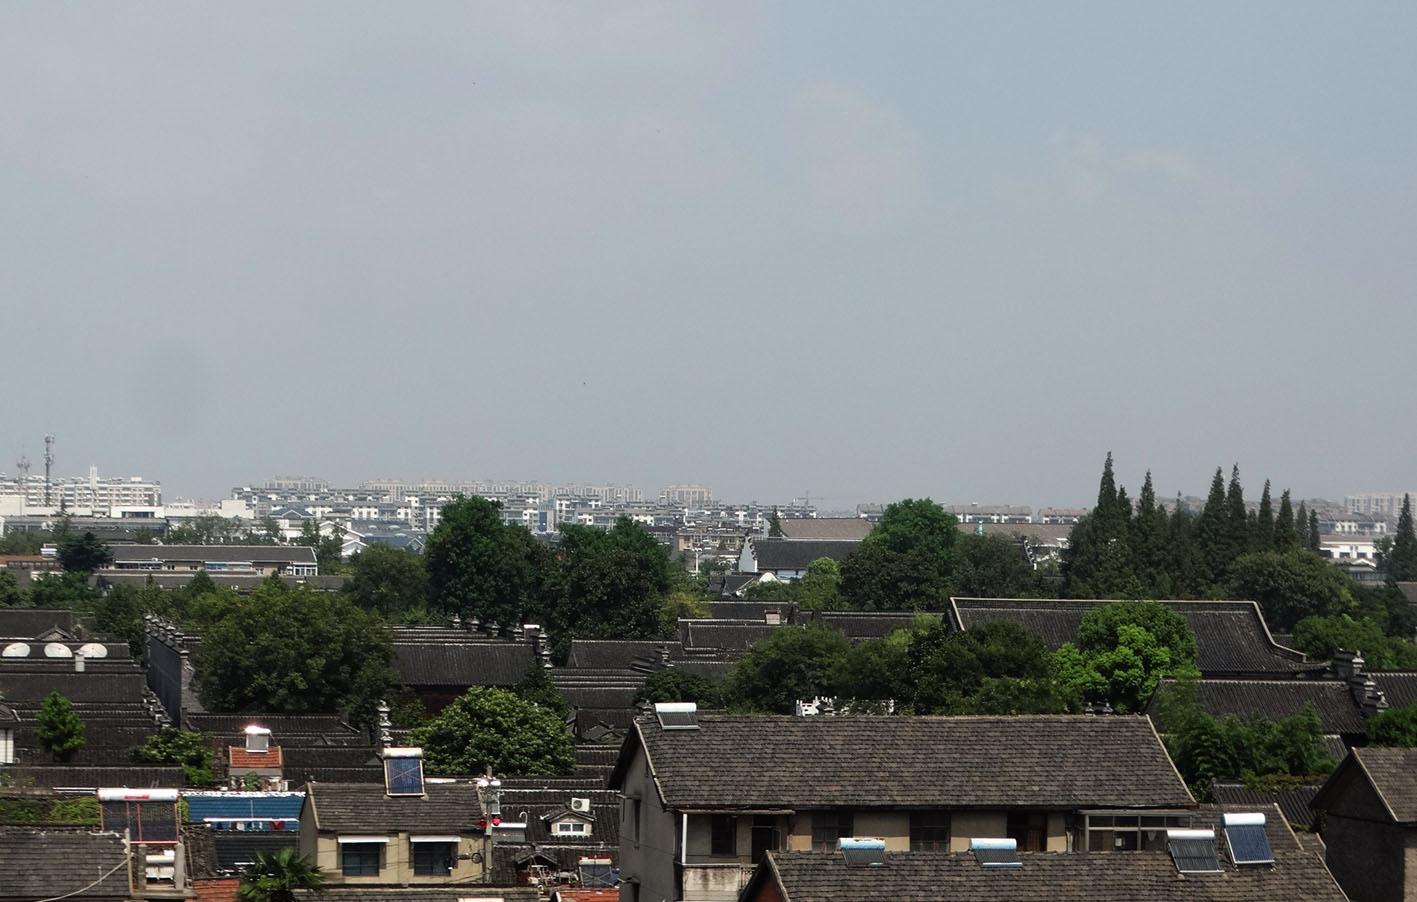 《市民论谈》关注古城保护各界共同探讨古城复兴